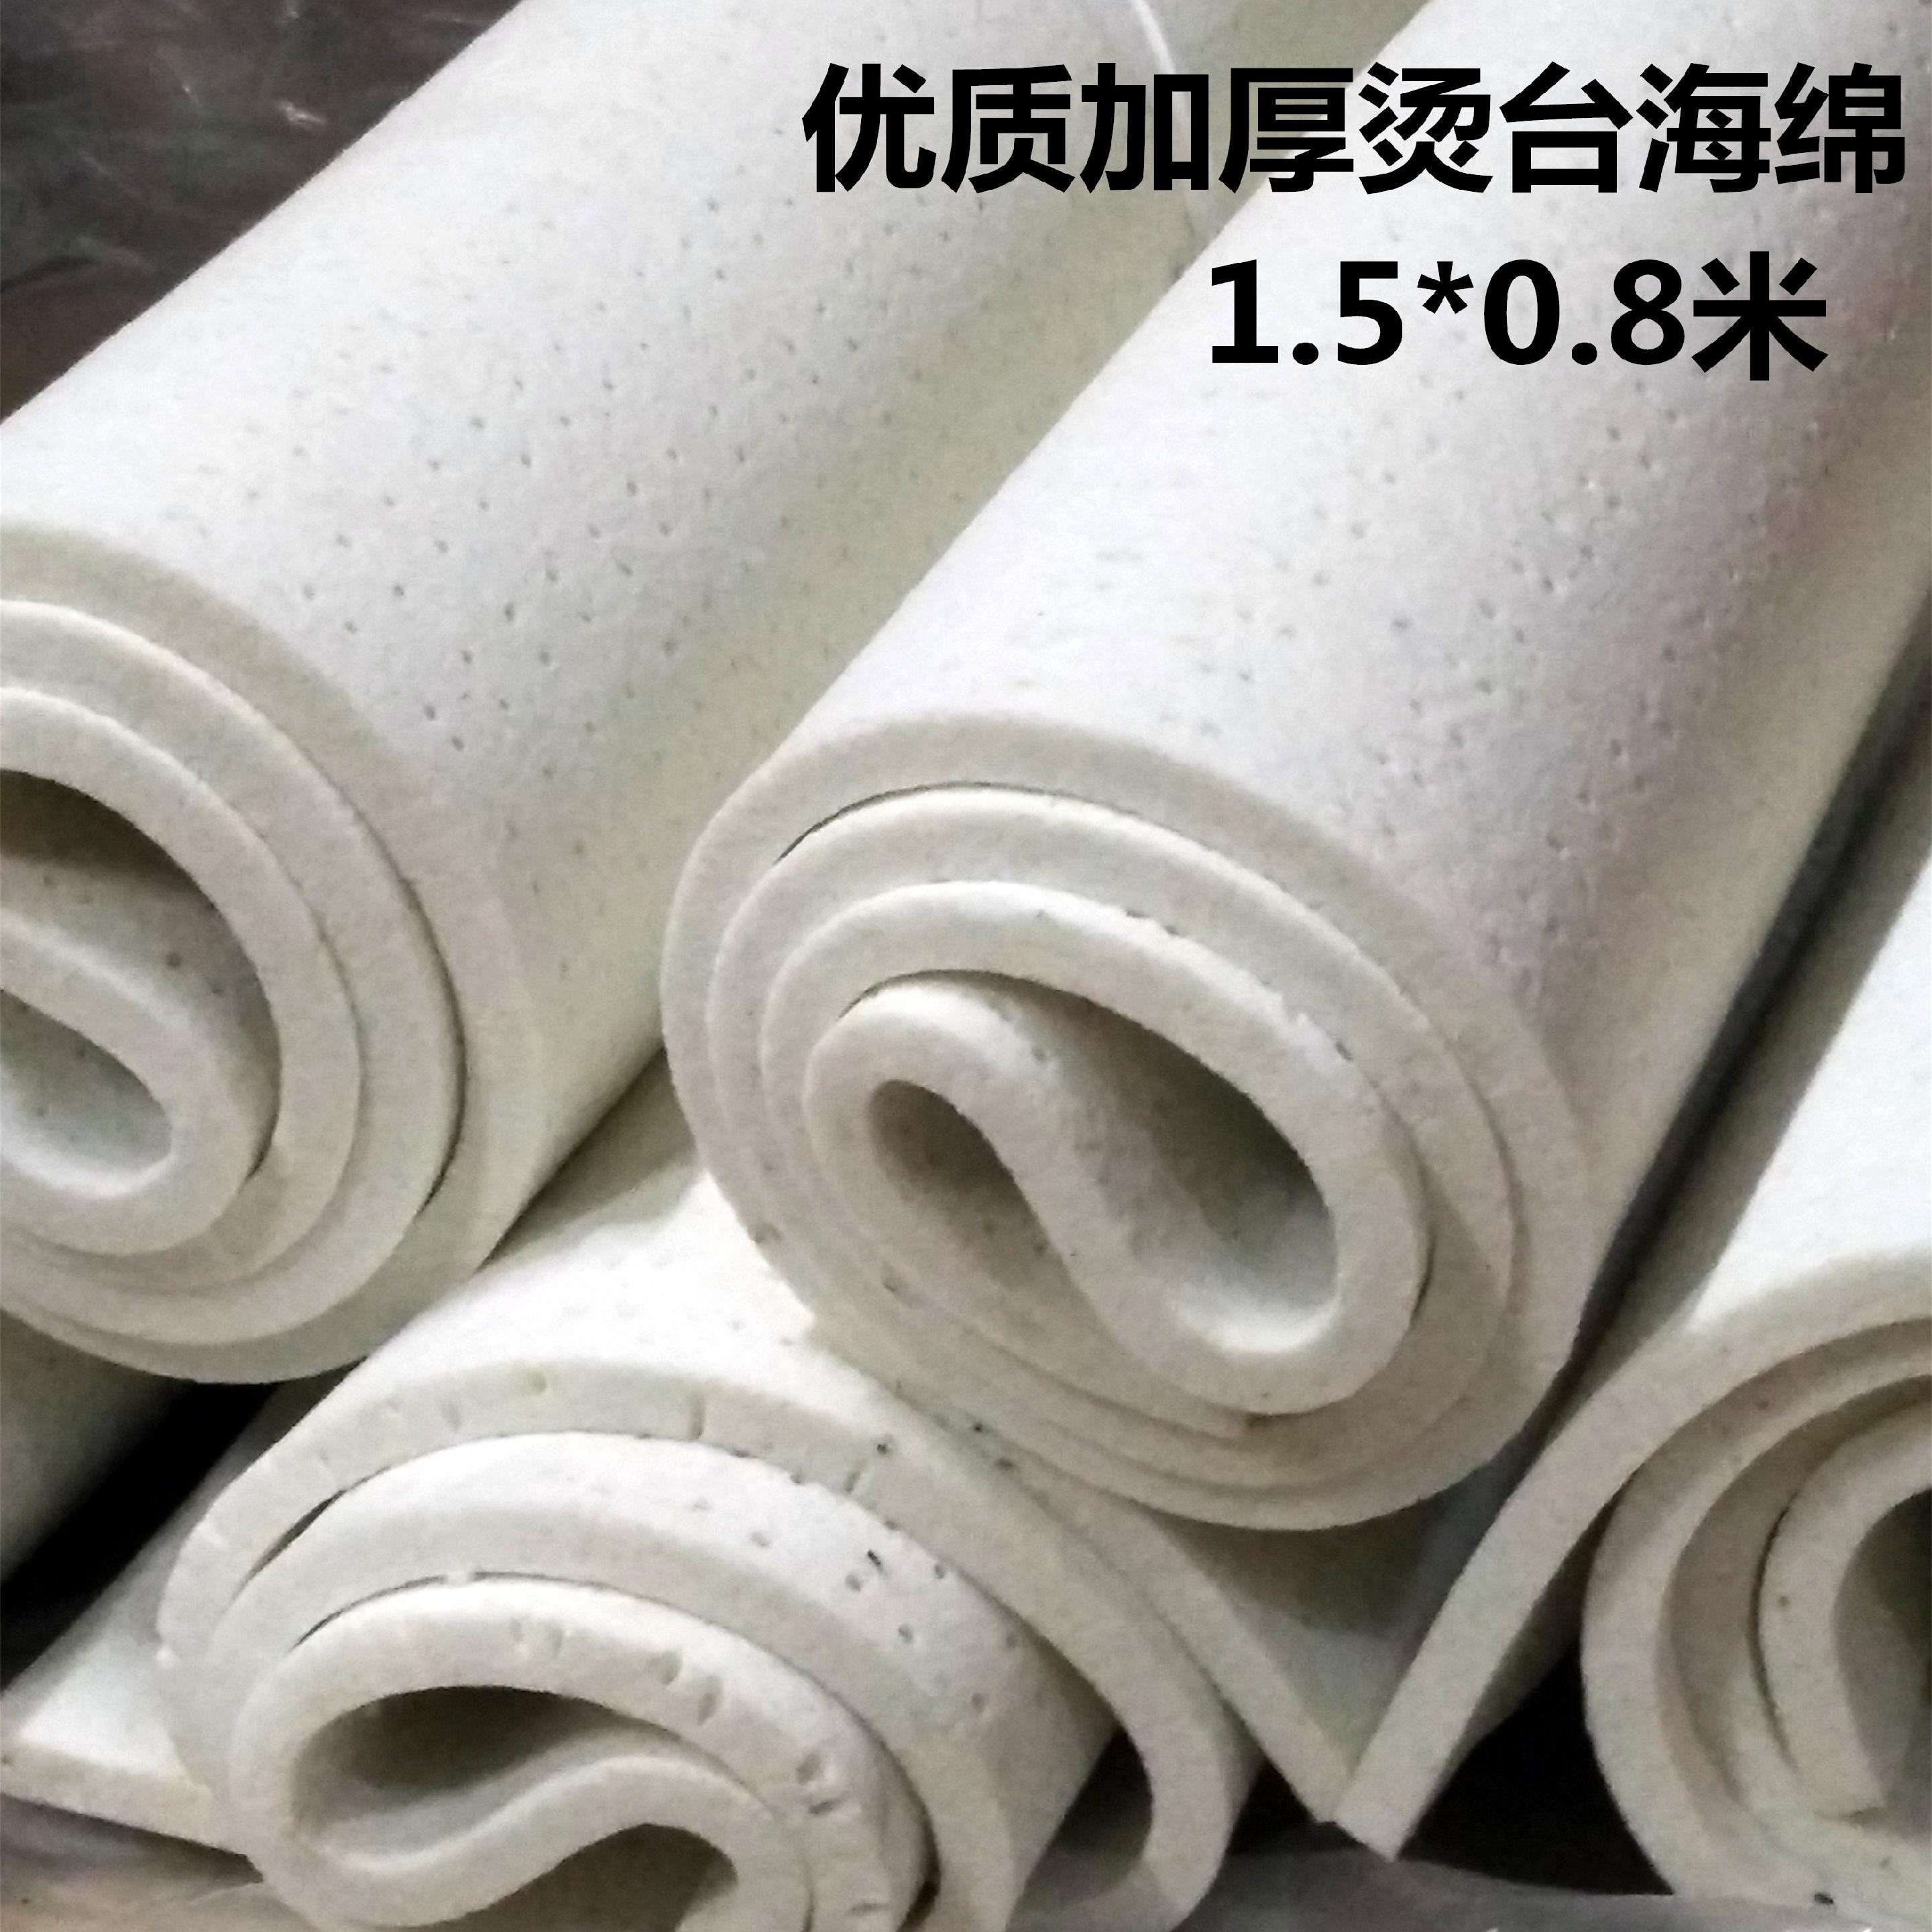 服装厂吸风烫台海绵大j烫烫台床有孔海绵垫服装熨衣板垫加厚干洗